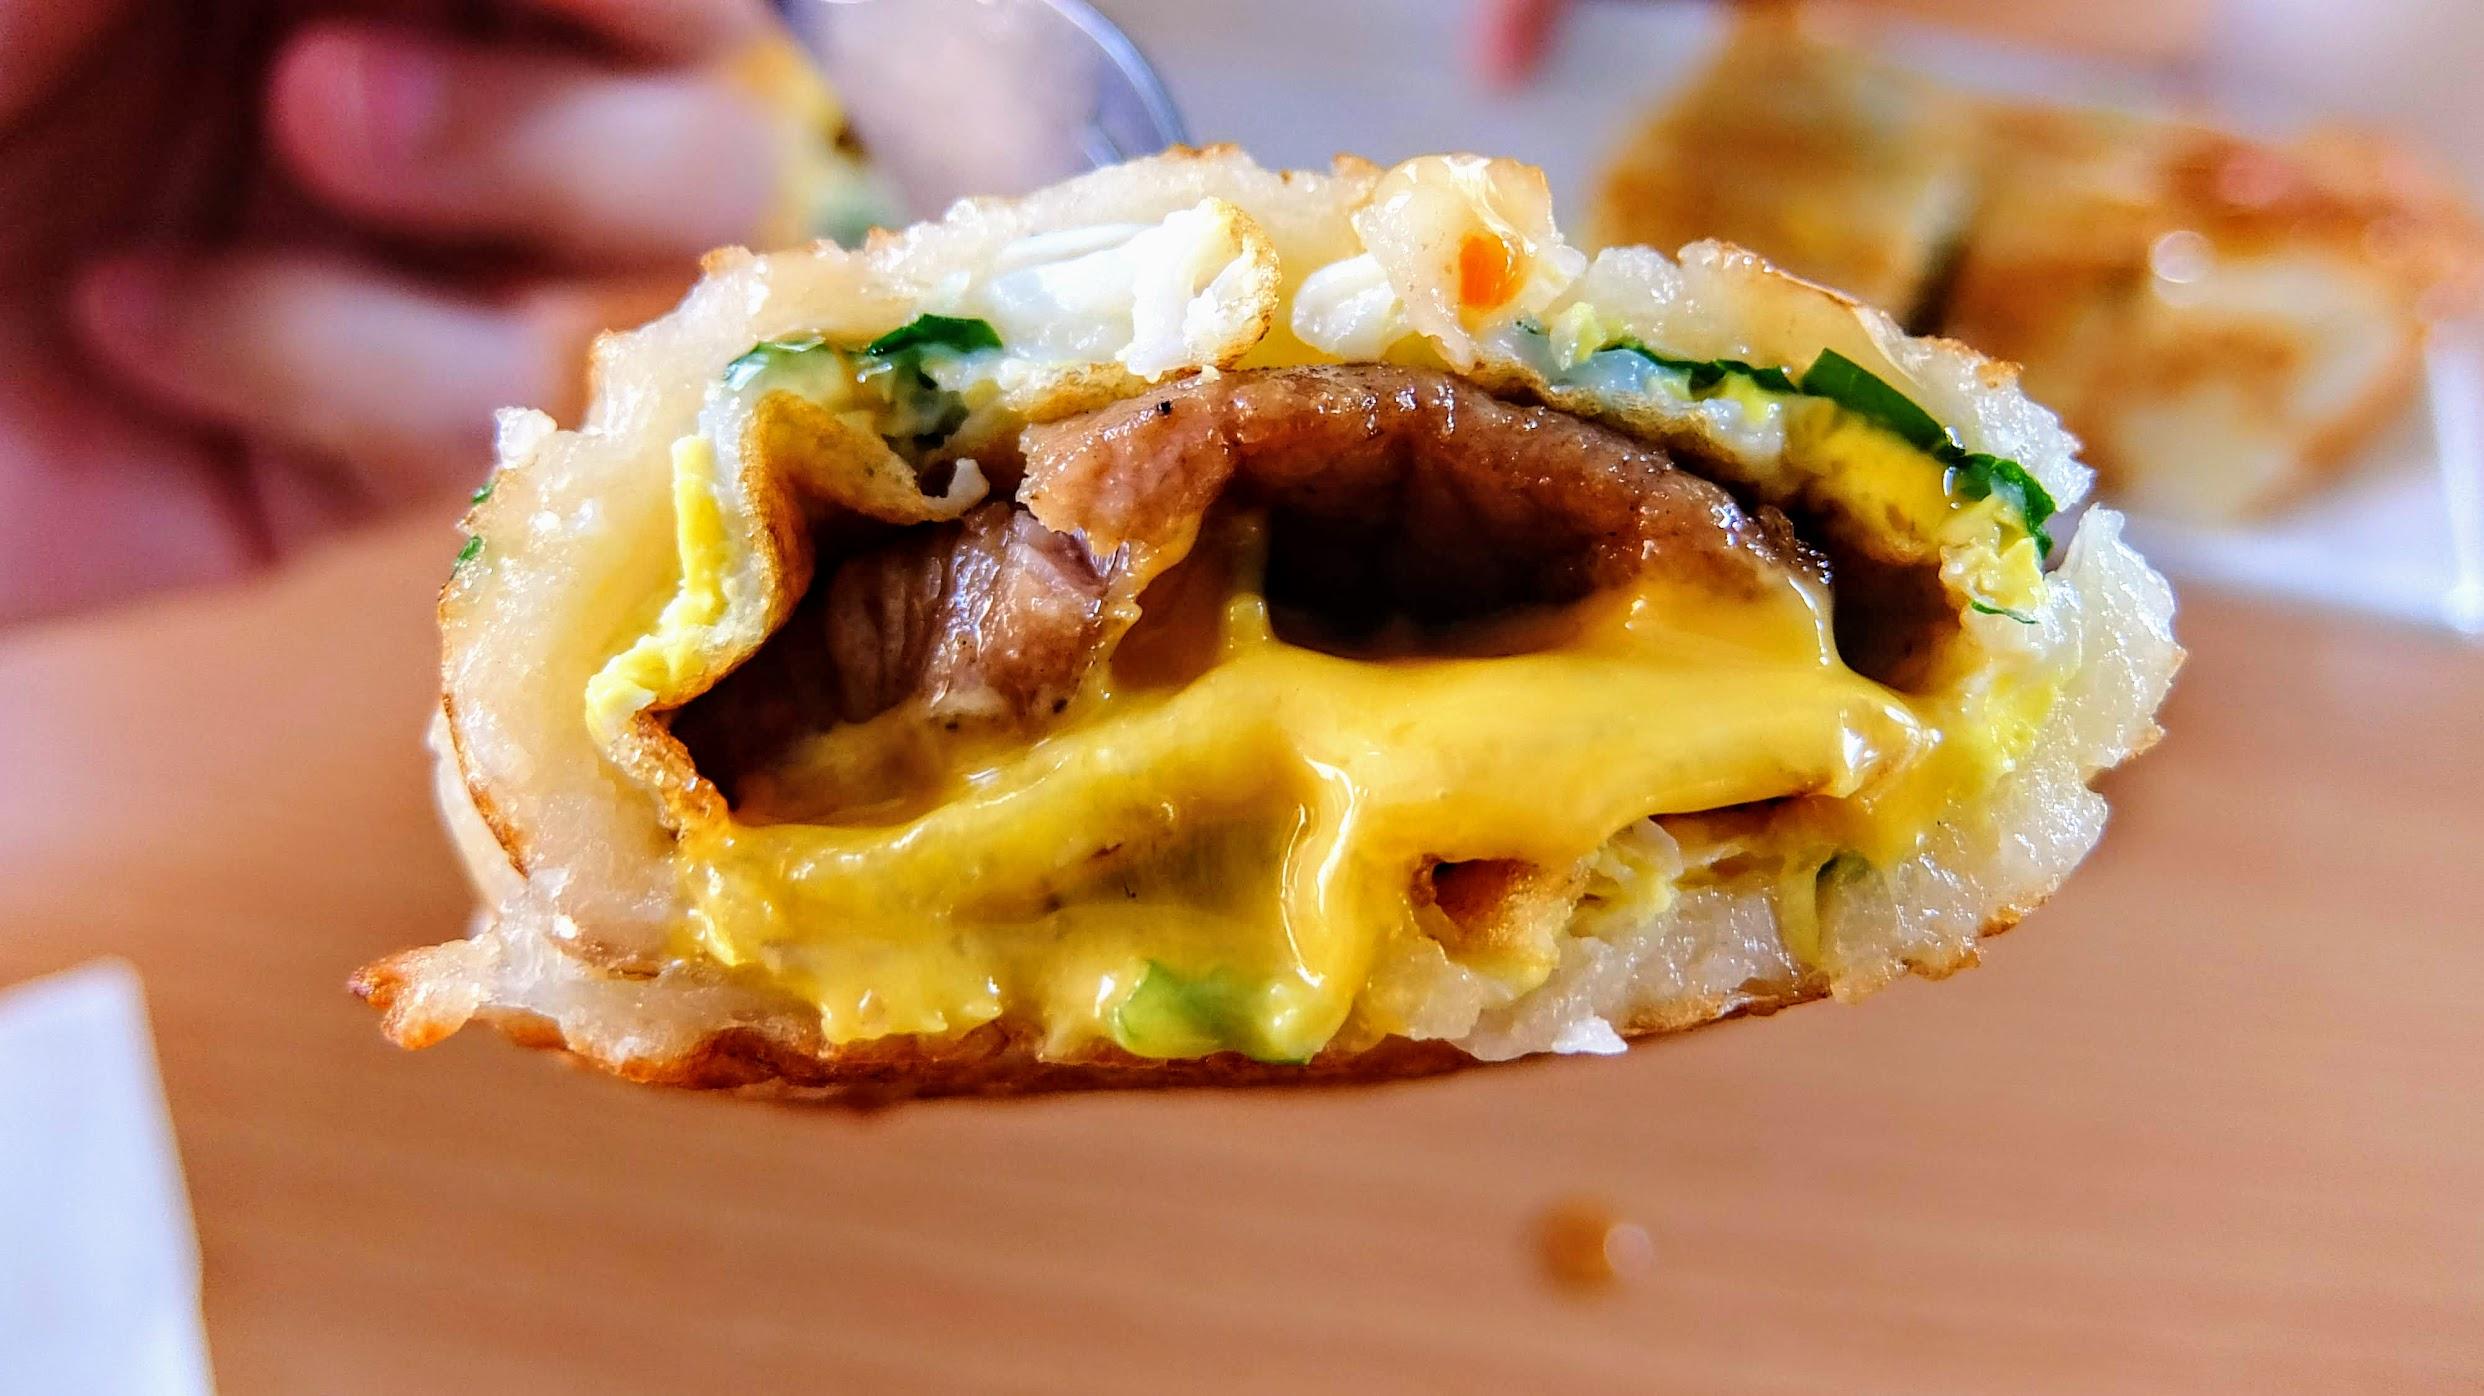 麵糊蛋餅外皮酥脆裡頭軟嫩,中間夾帶著蛋/起司和燒肉啊! 超好吃,且不用醬油就有味道了喔